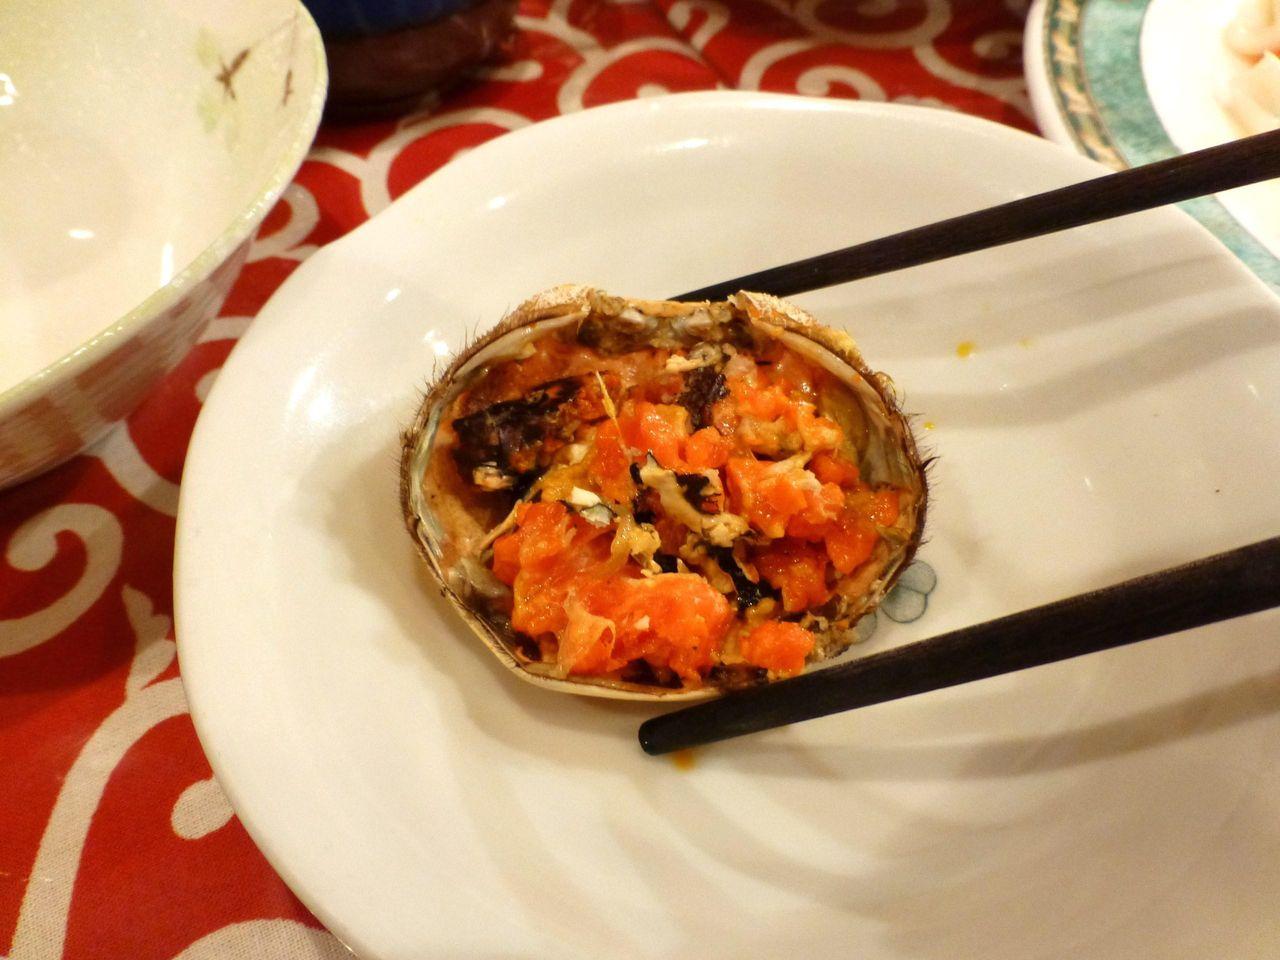 上海ガニ姿蒸しは、直径6.5センチと小さめ!